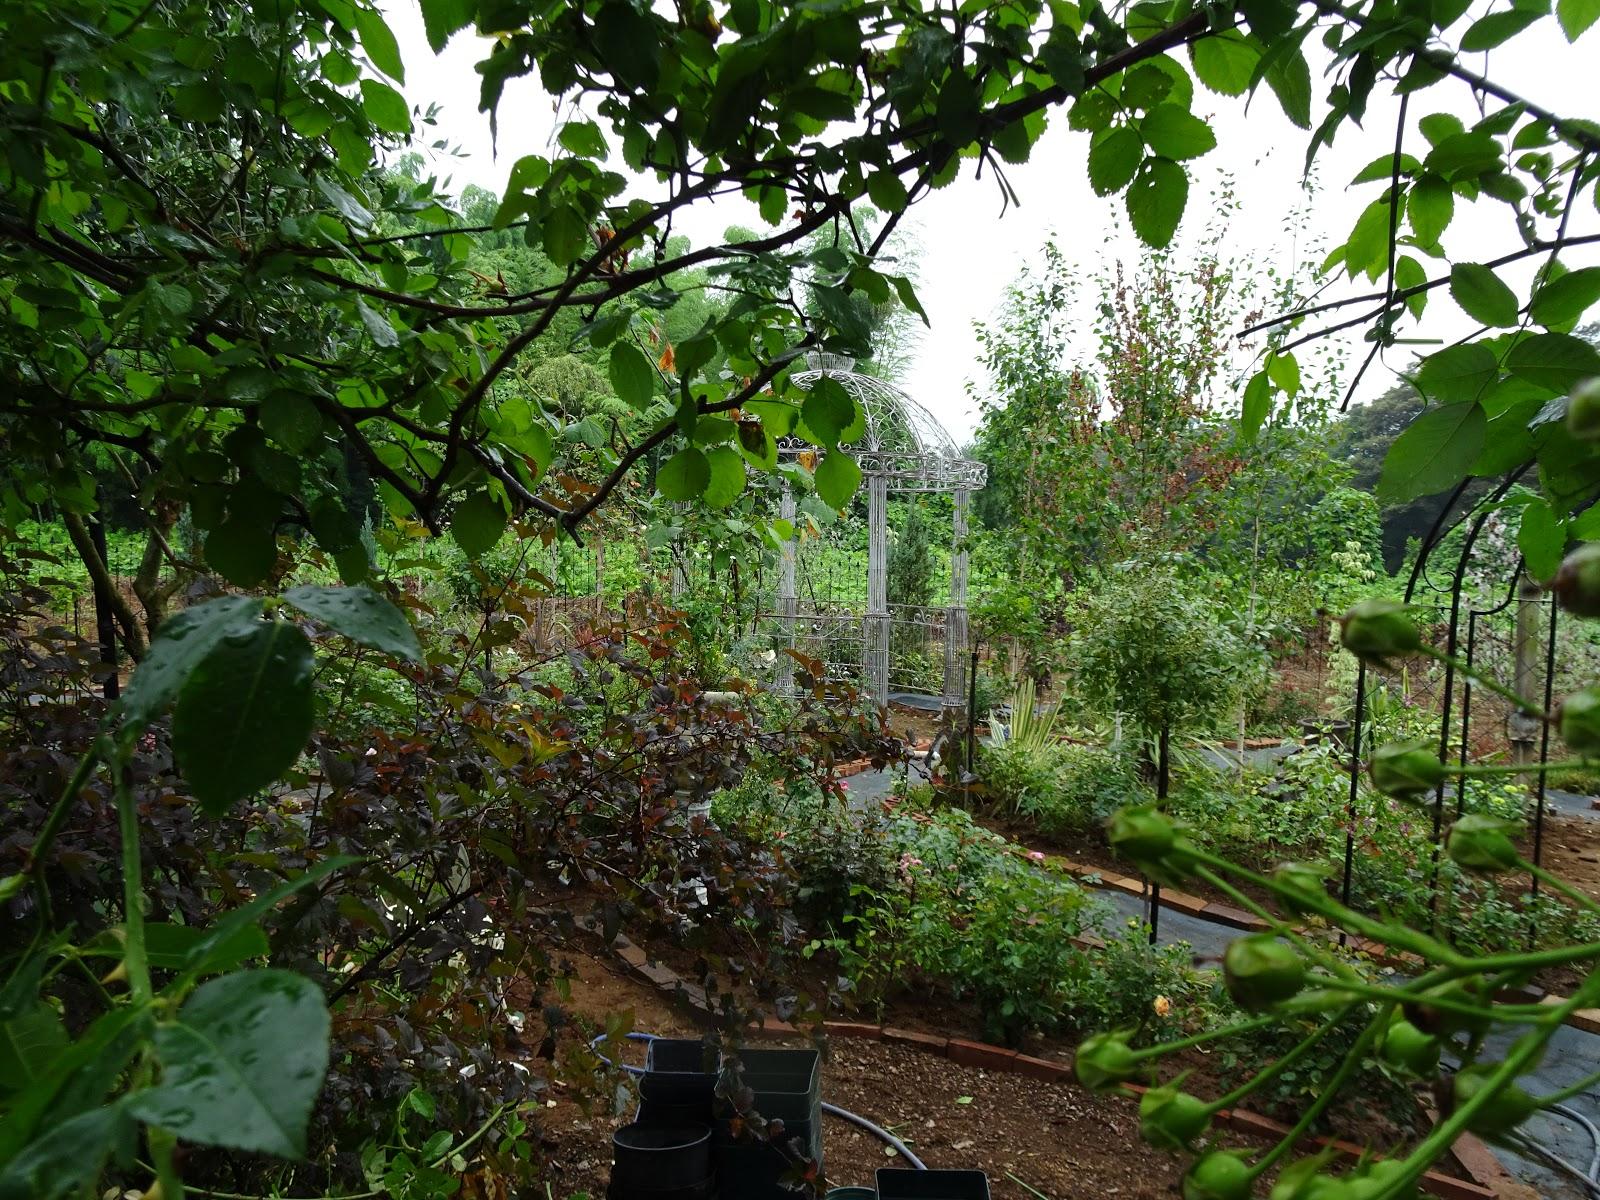 Le jardin secret for Le jardin secret chicha